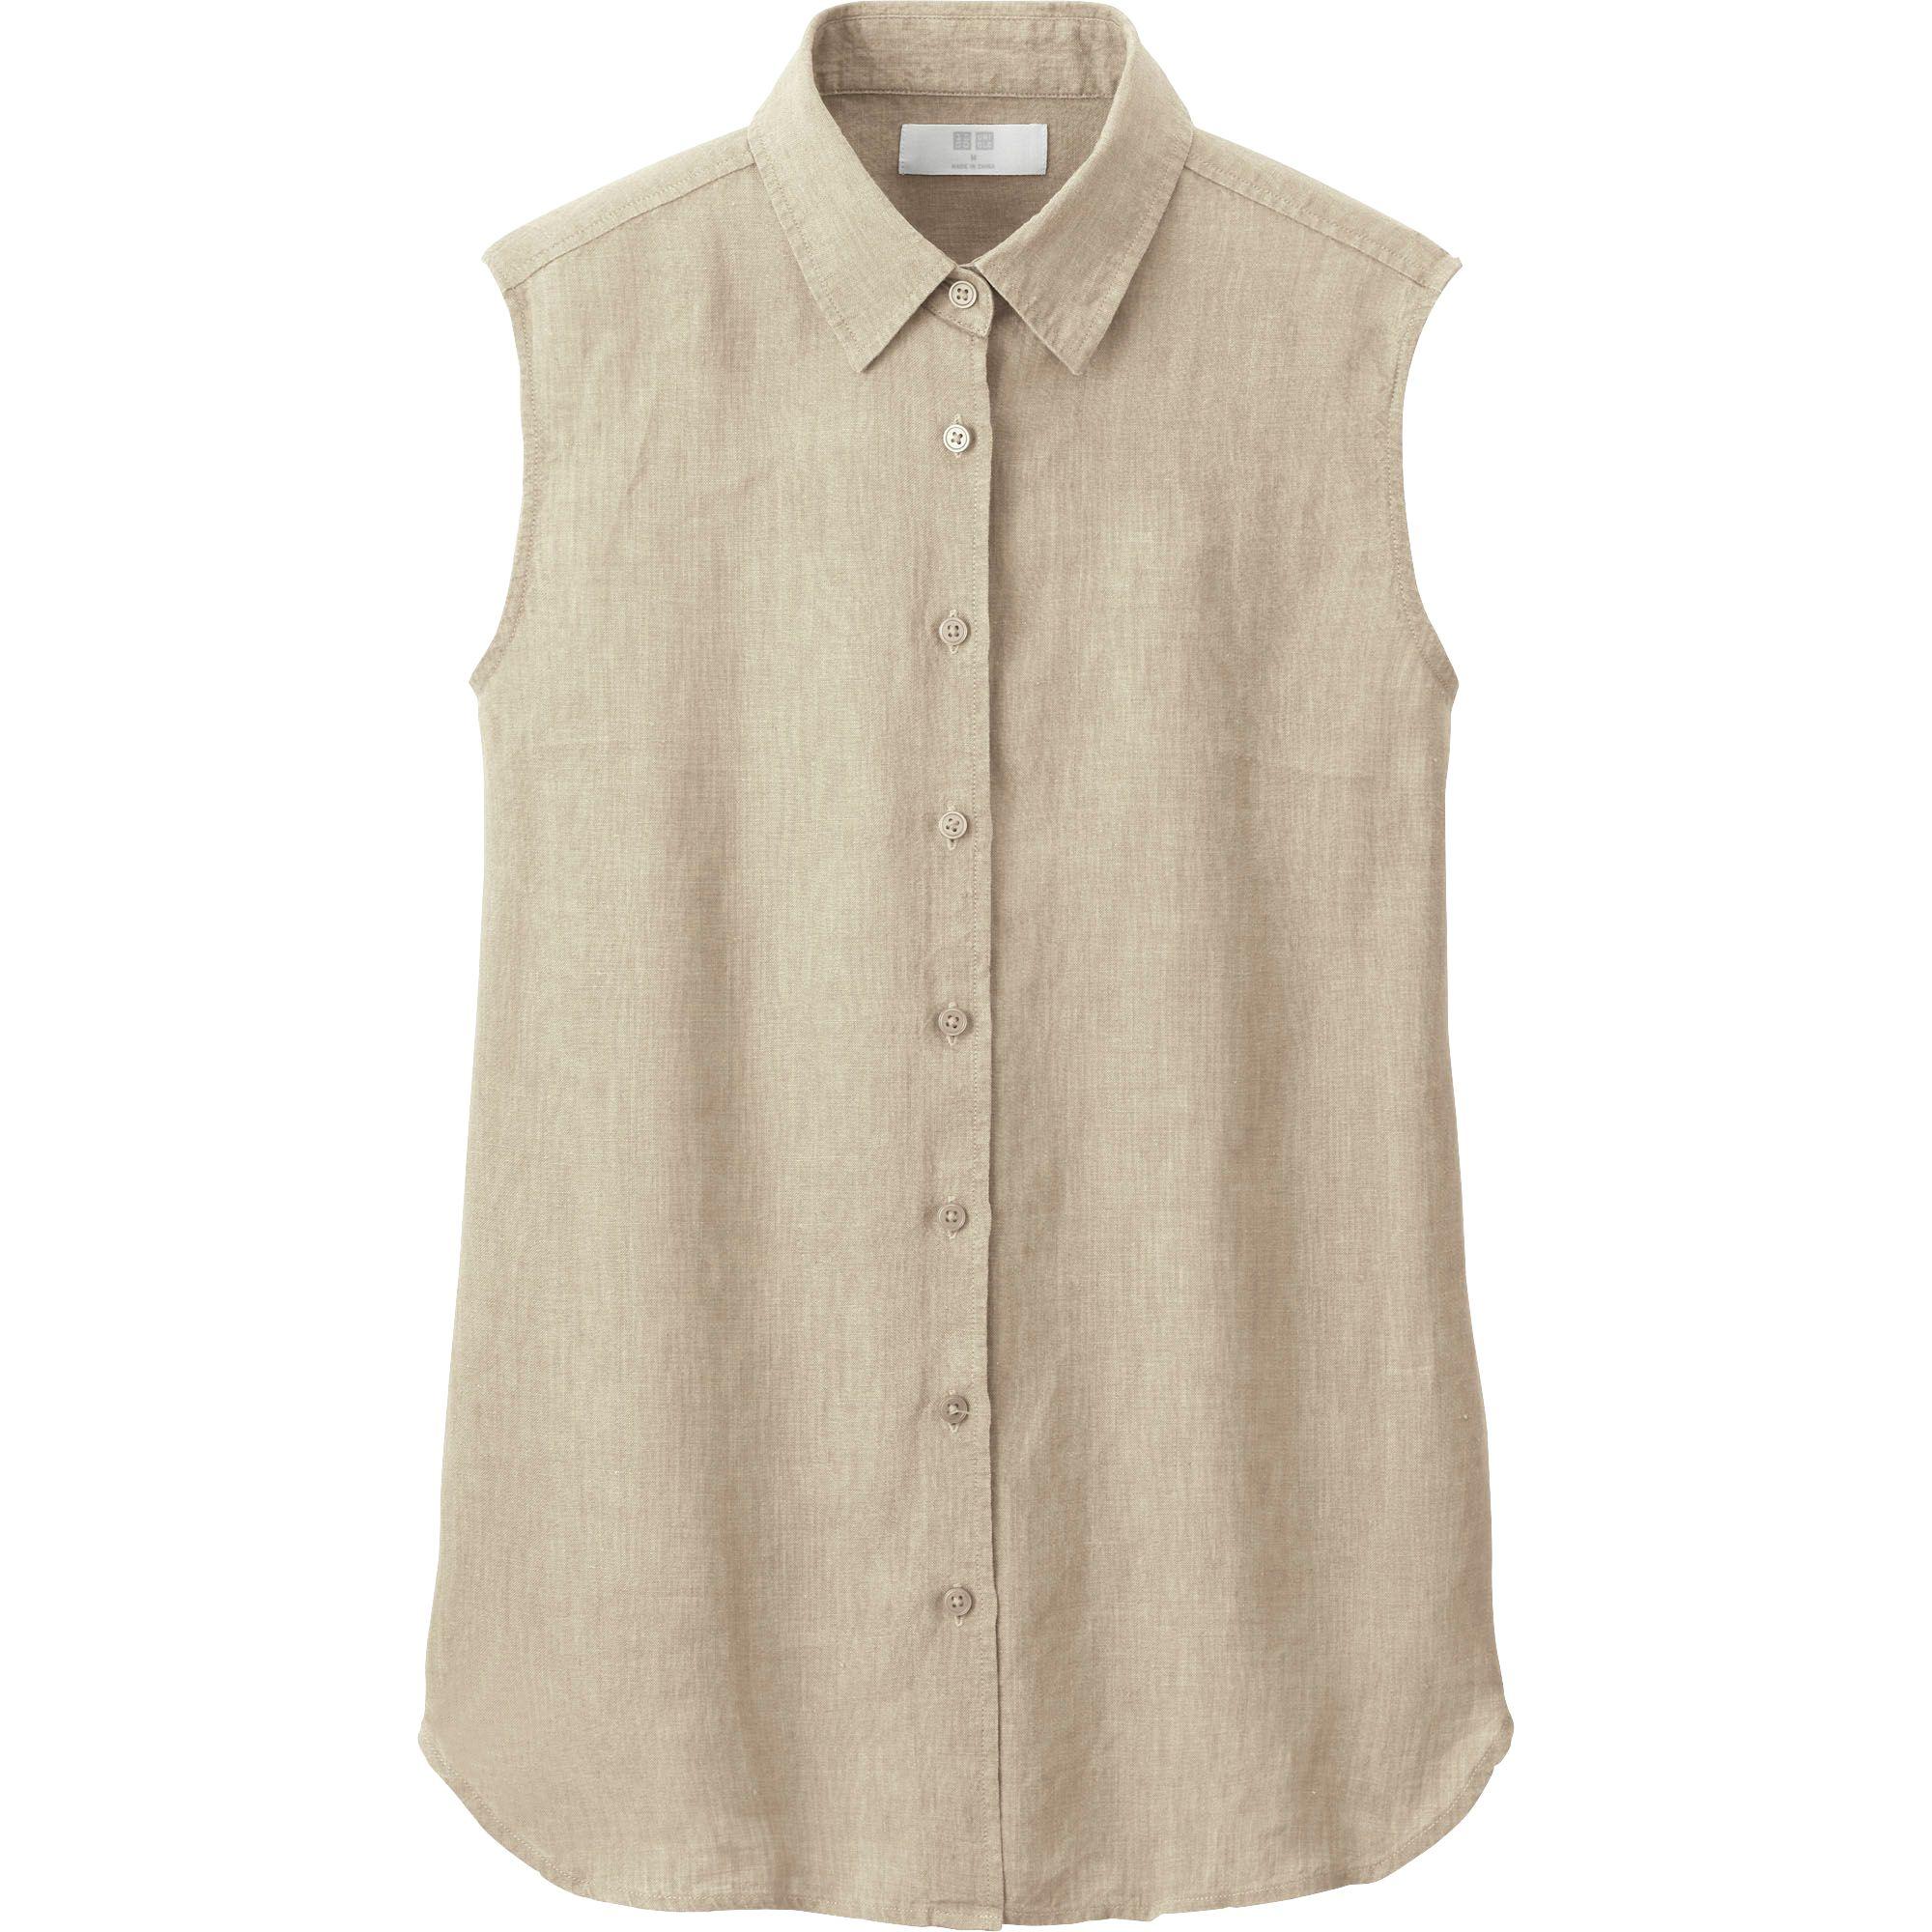 Uniqlo Premium Linen Sleeveless Shirt In Beige Lyst